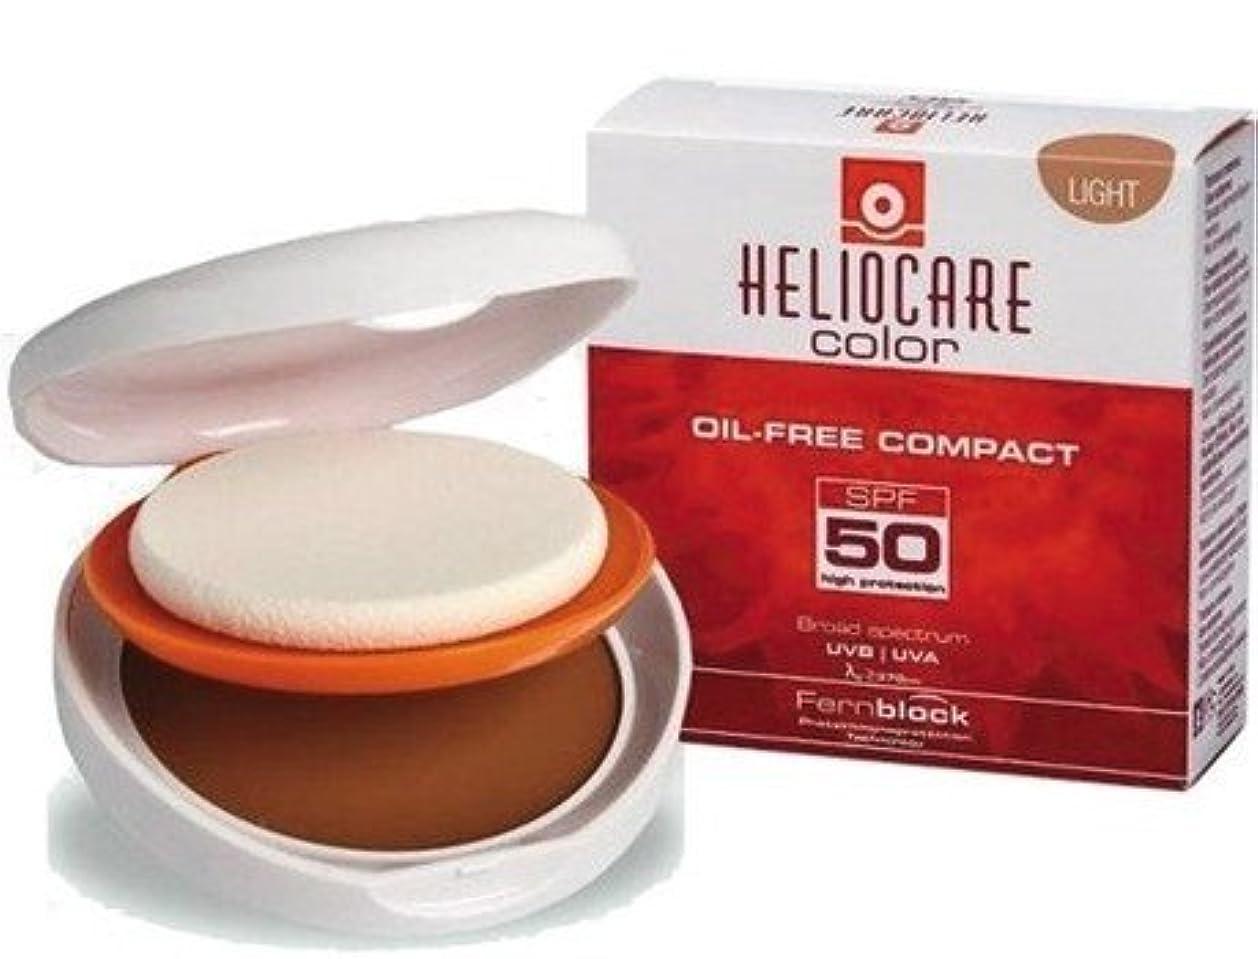 ミネラル無駄だミシンヘリオケア カラーオイル フリーコンパクト SPF50 ライト HELIOCARE COLOR OIL FREE COMPACT SPF50 LIGHT